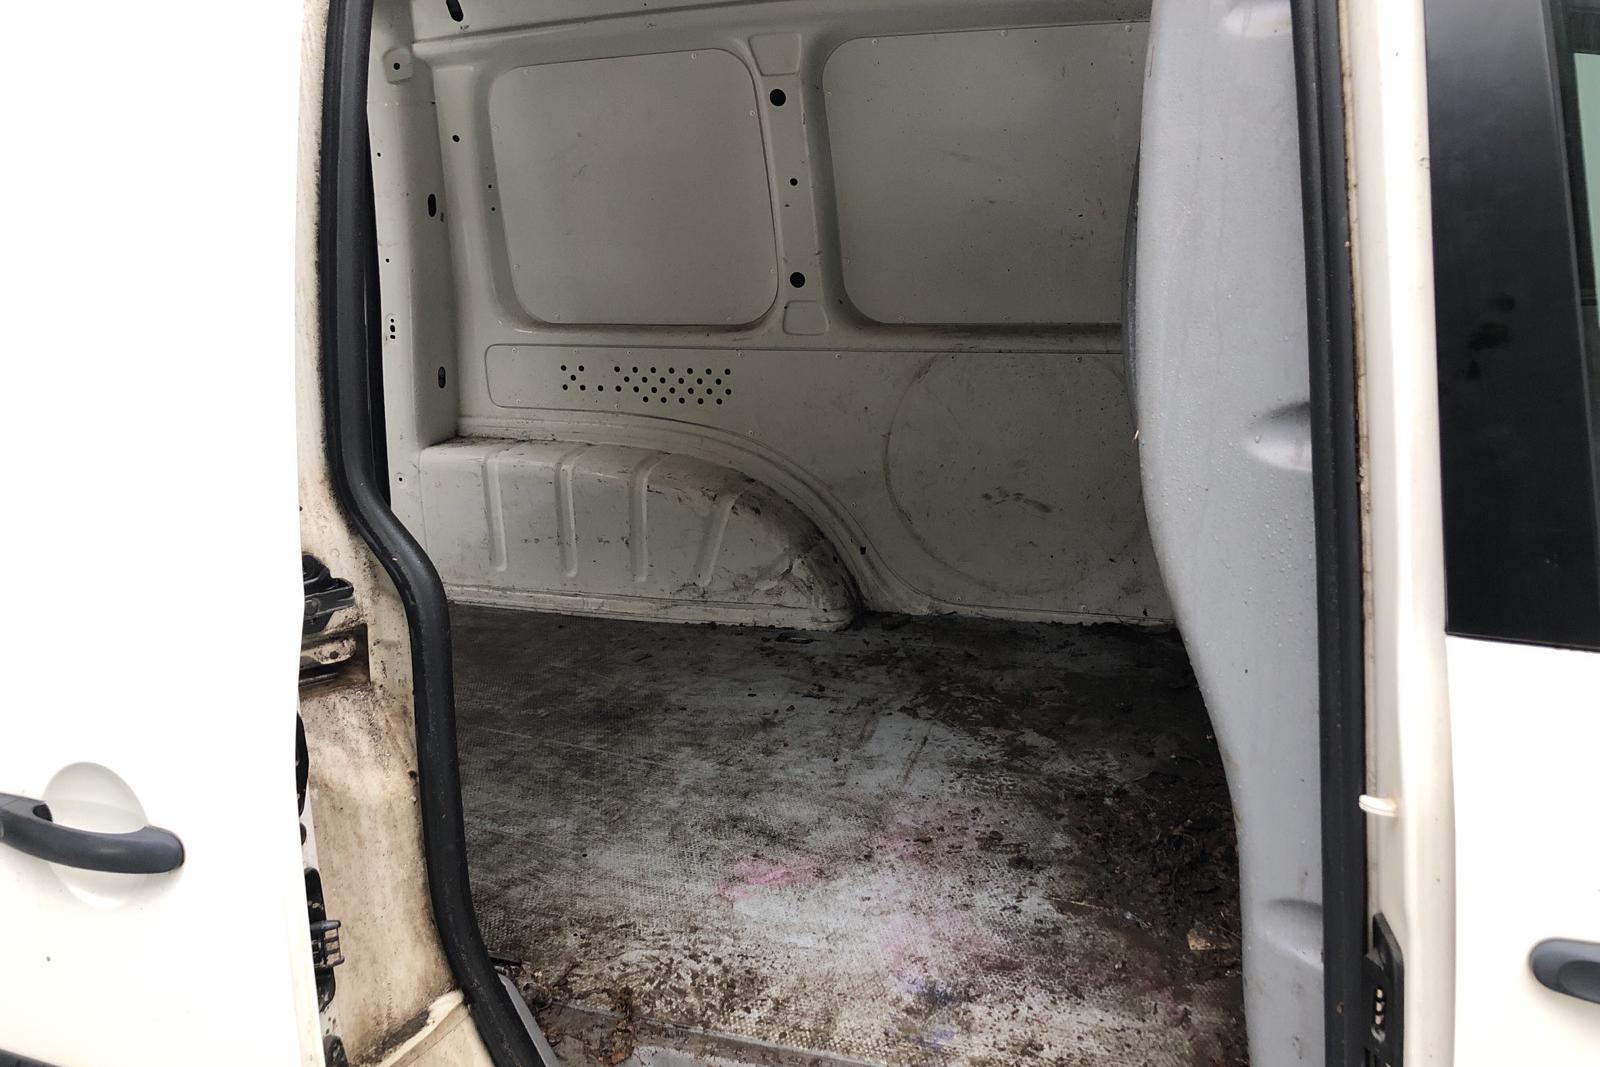 VW Caddy 1.9 TDI Skåp 4motion (105hk) - 189 110 km - Manual - white - 2010